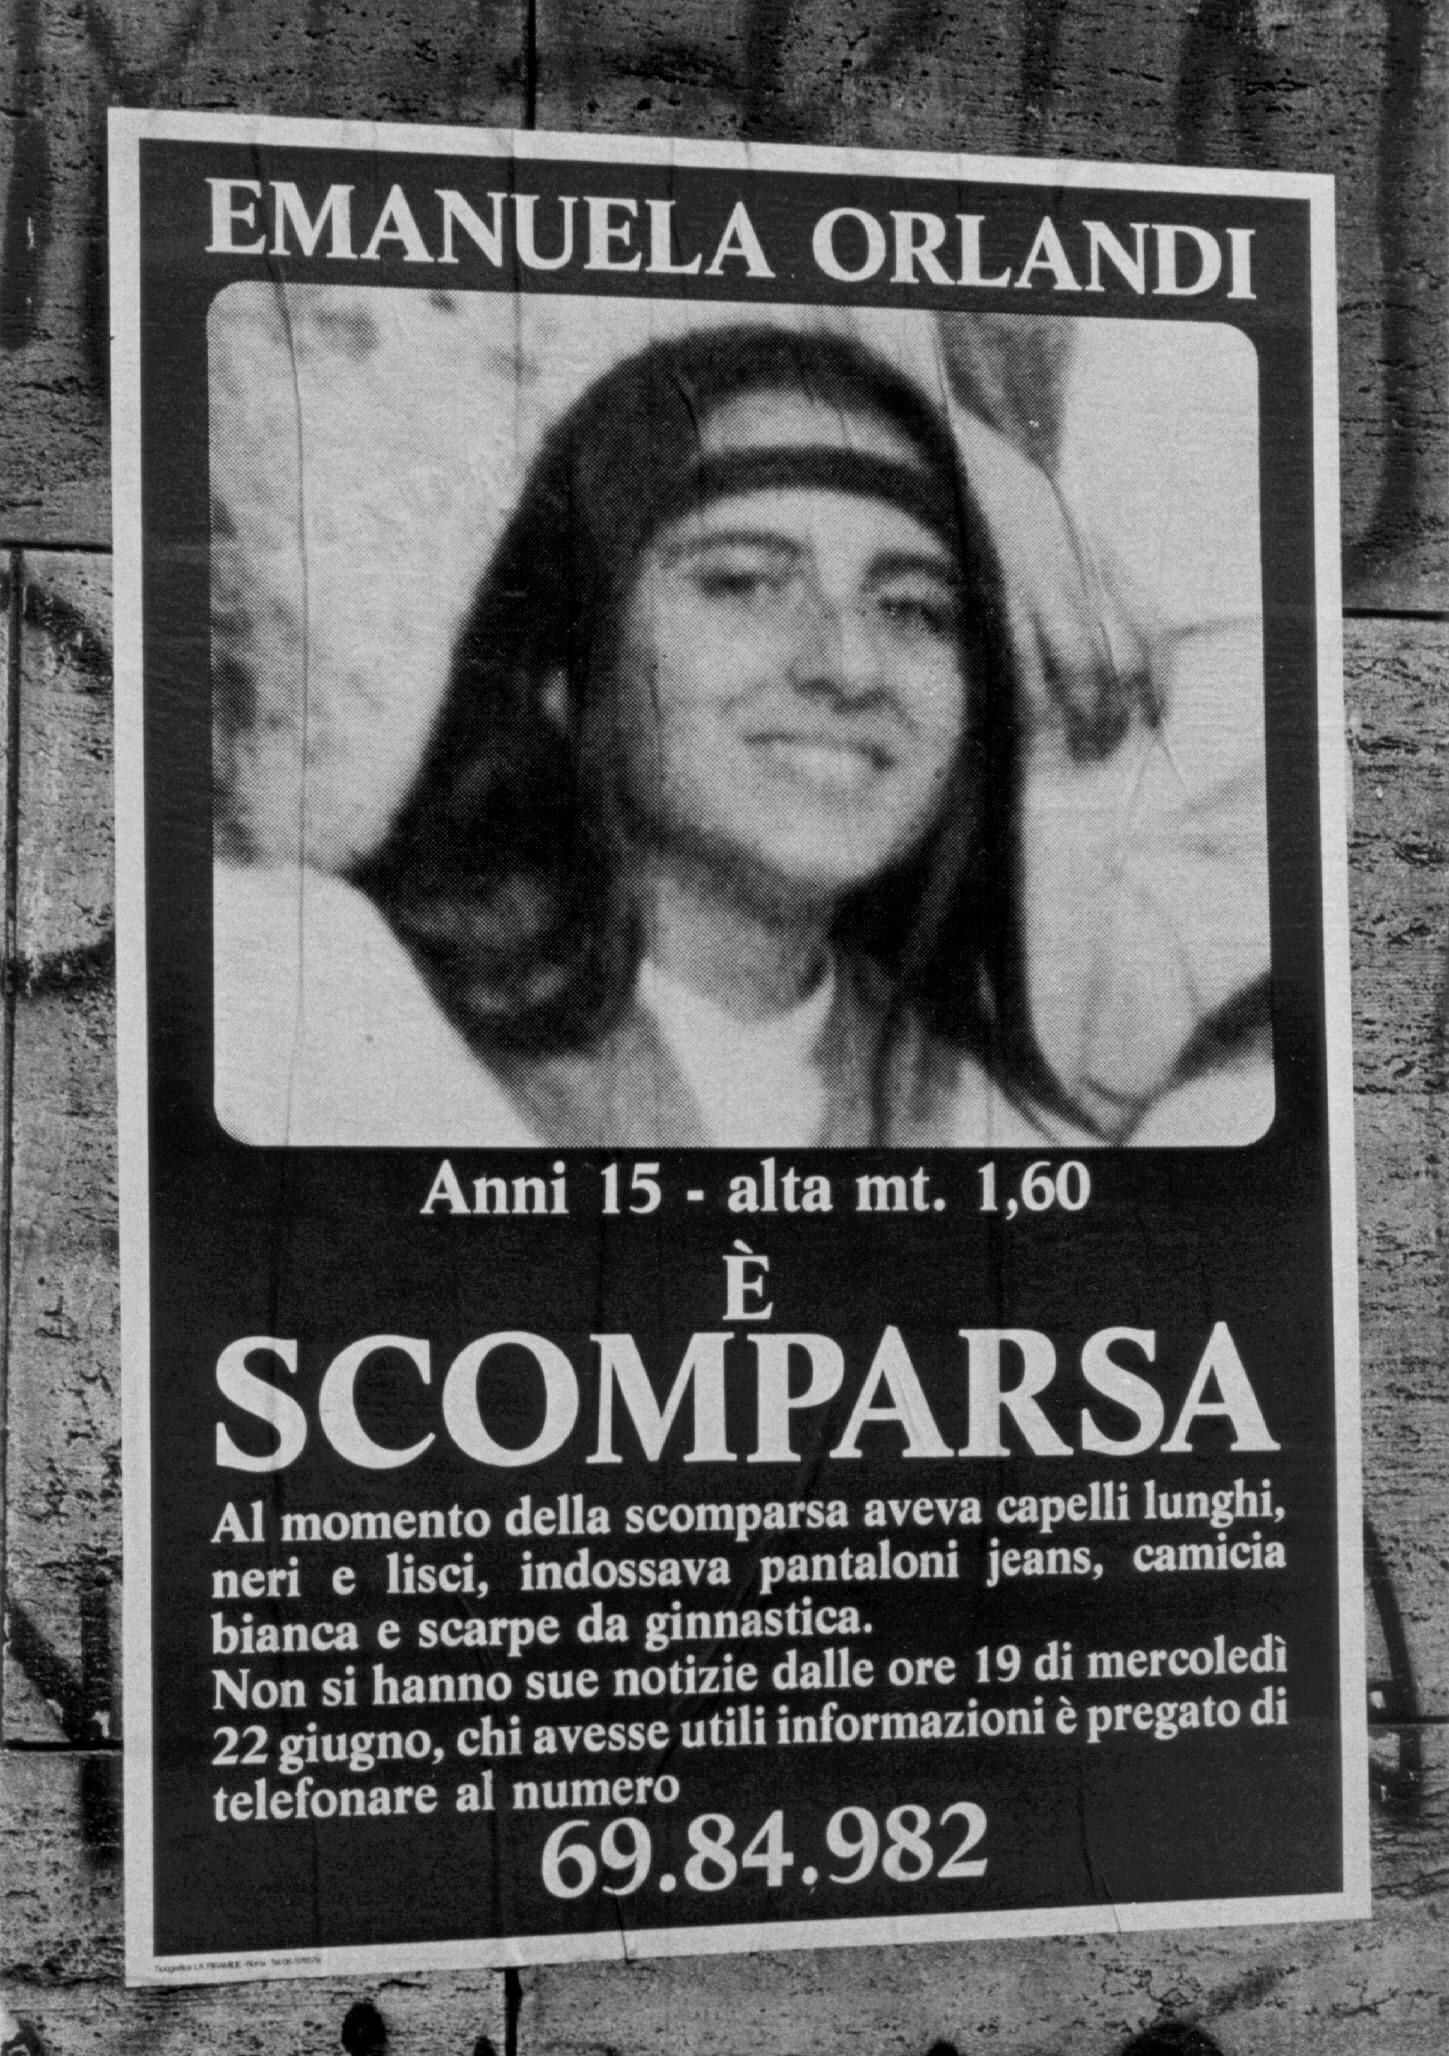 Emanuela Orlandi, la adolescente cuyos huesos podrían develar un caso de corrupción, abuso de menores y mafia en el Vaticano